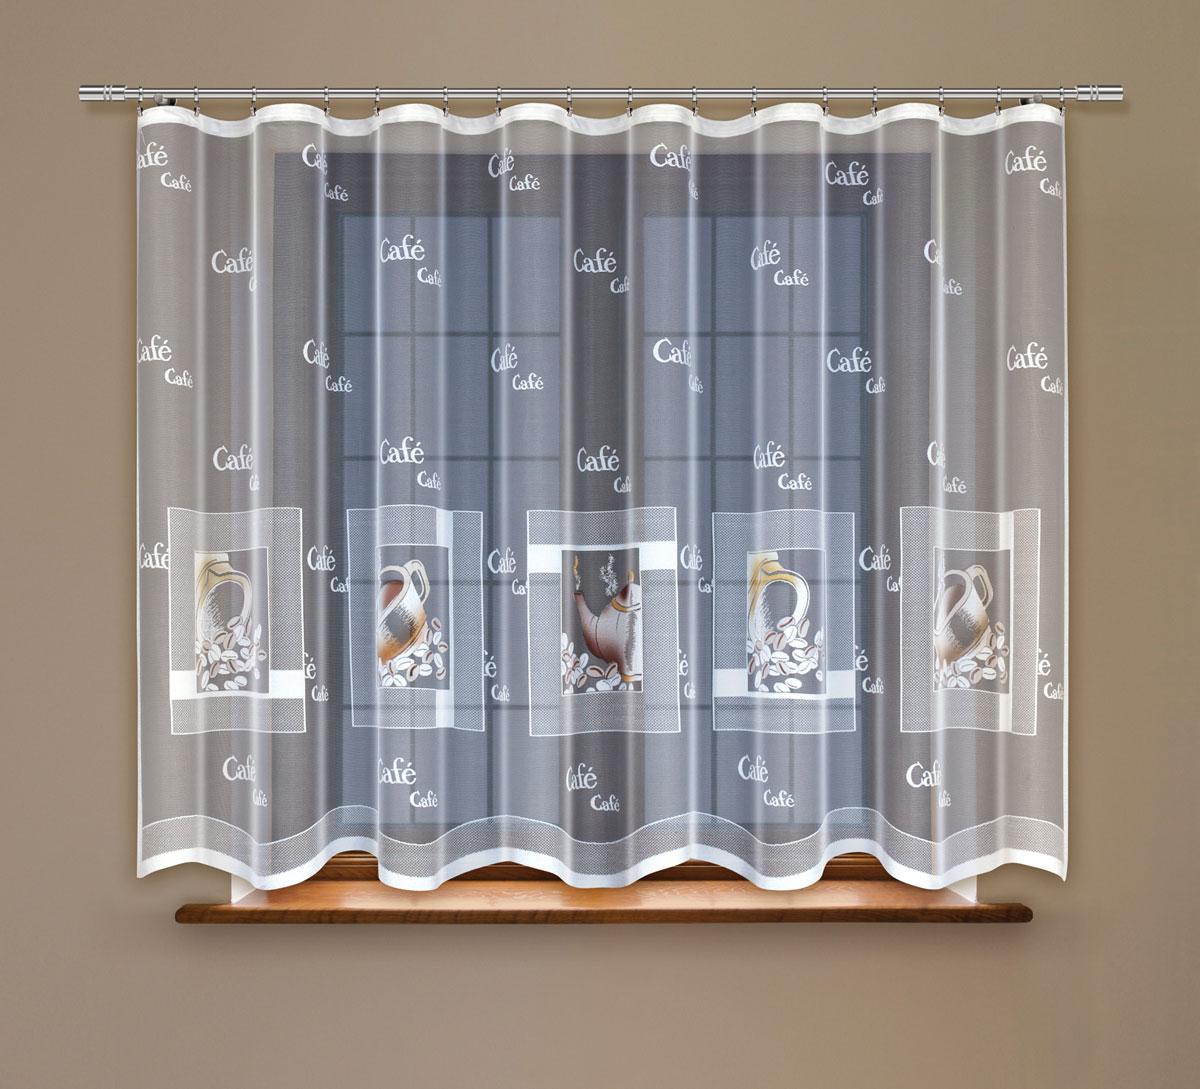 Гардина Haft, на ленте, цвет: белый, высота 130 см. 219161219161/130Гардина Haft, изготовленная из полиэстера, станет великолепным украшением любого окна. Тонкое плетение и оригинальный дизайн привлекут к себе внимание. Изделие органично впишется в интерьер. Гардина крепится на карниз при помощи ленты, которая поможет красиво и равномерно задрапировать верх.